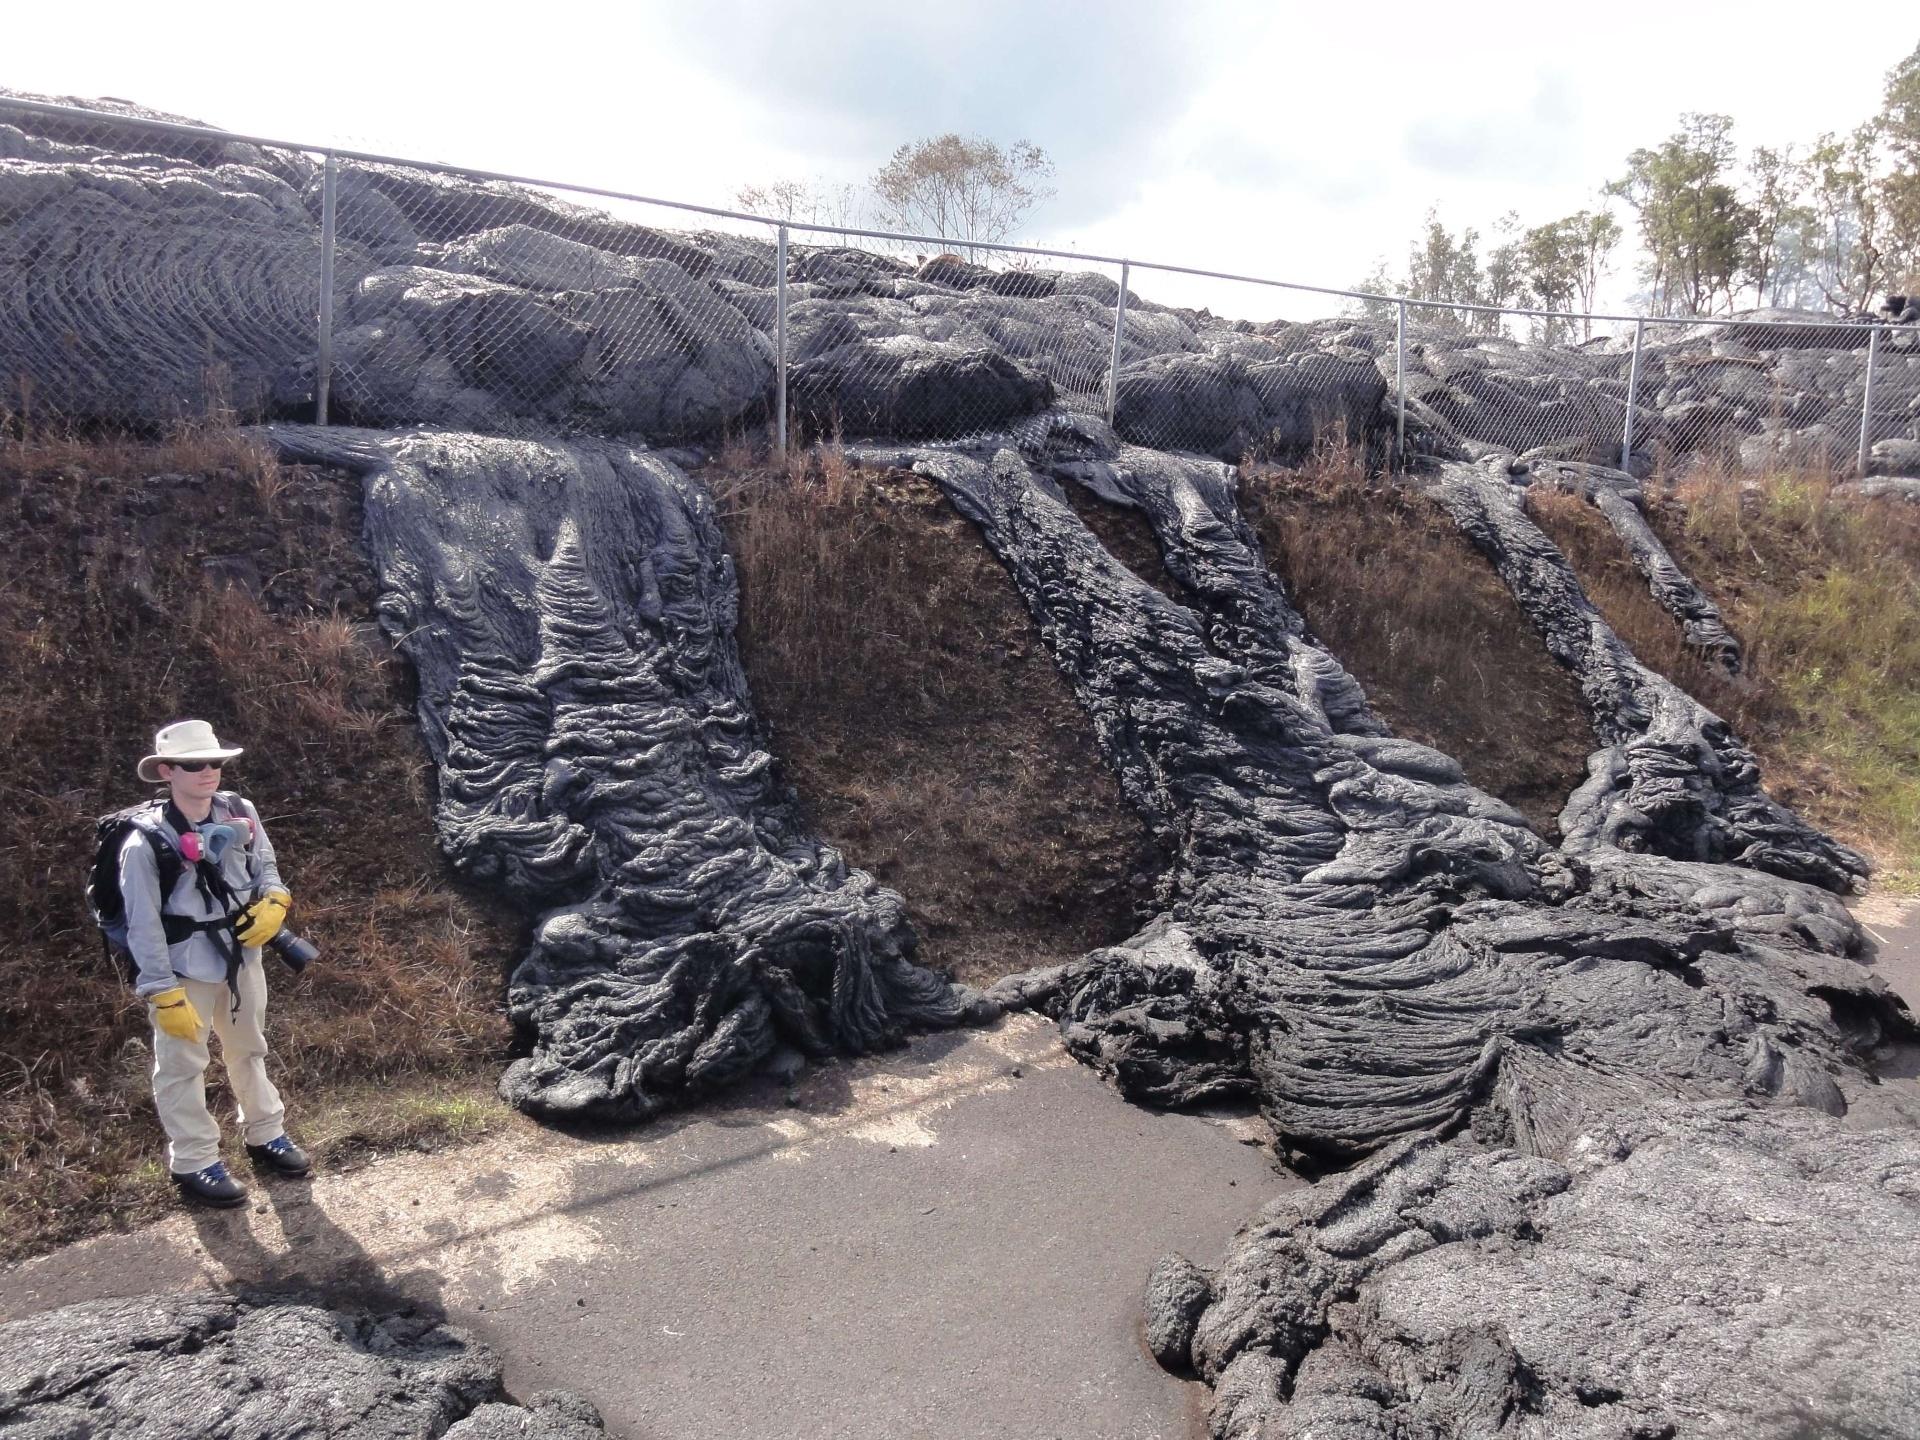 16.nov.2014 - Pesquisador fica próximo a lava seca do vulcão Kilauea, em Pahoa, no Havaí. O fluxo de lava do vulcão alcançou a cerca da estação de transferência, queimando o alfalto por vários dias